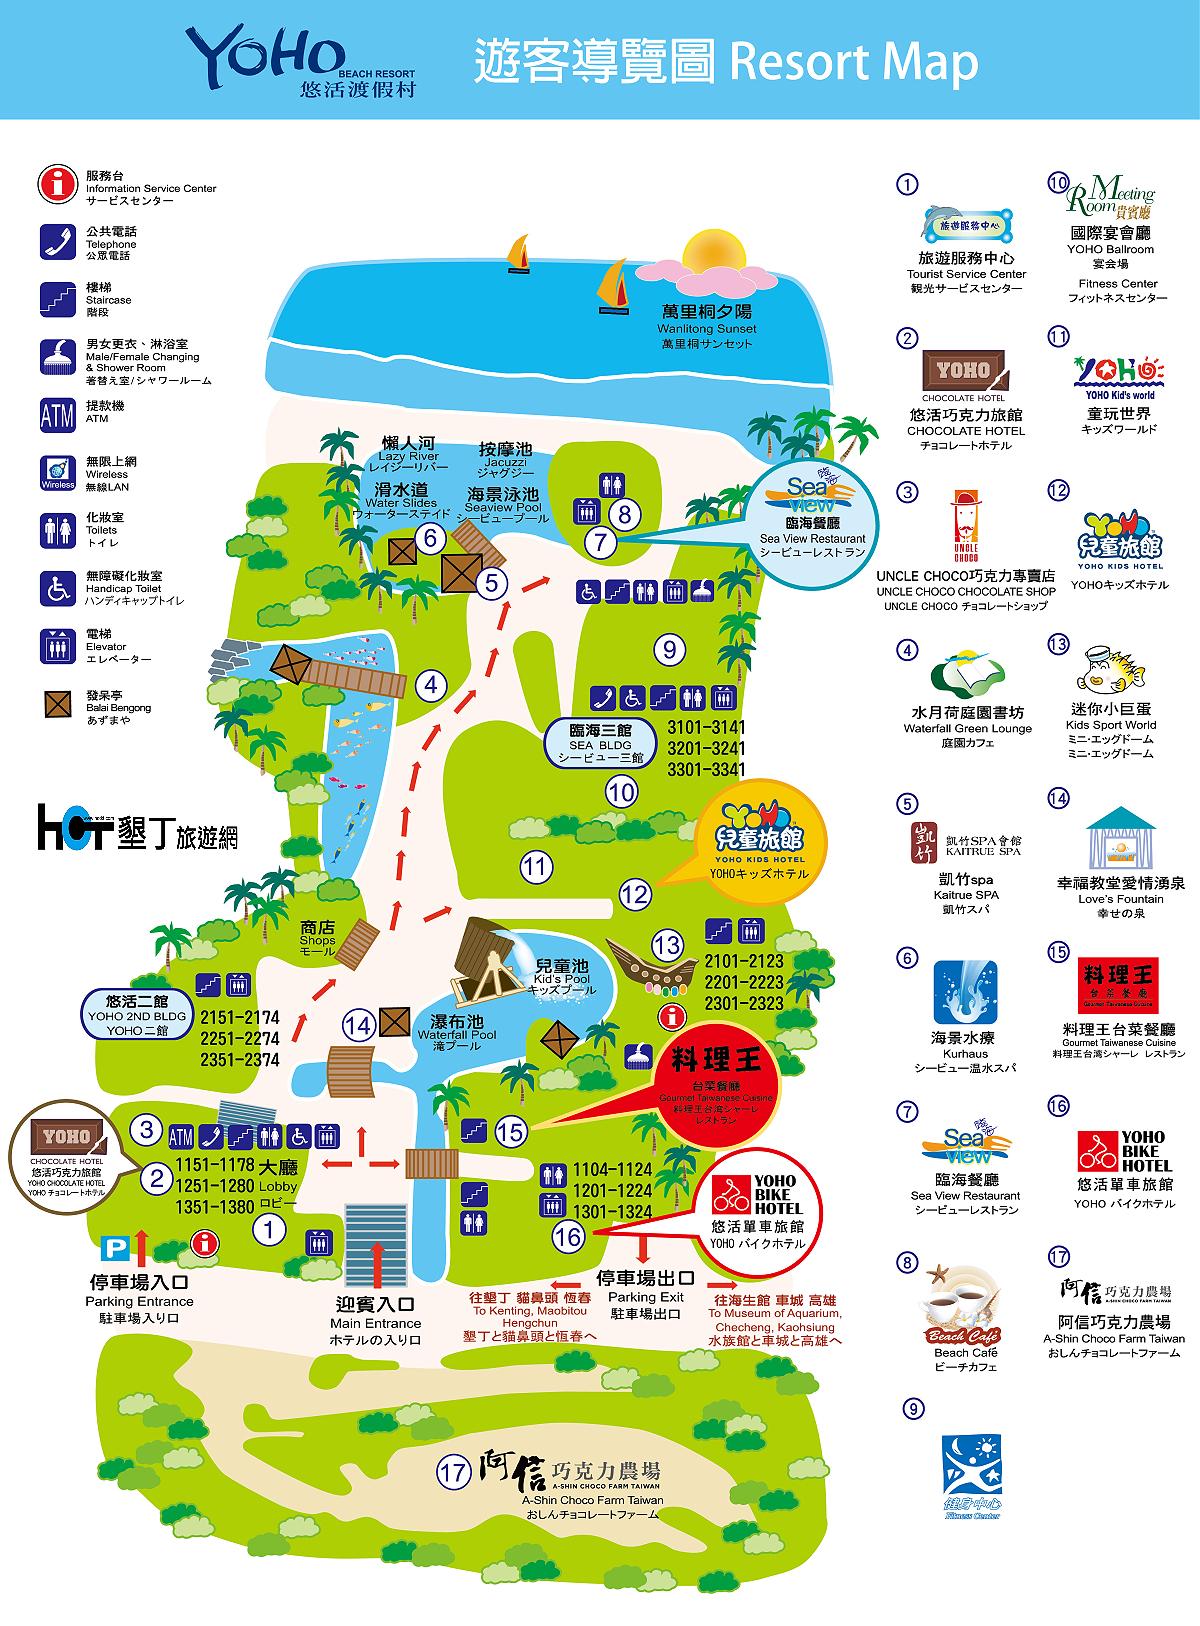 悠活海景泳池水陆主题乐园-儿童   hot垦丁旅游网